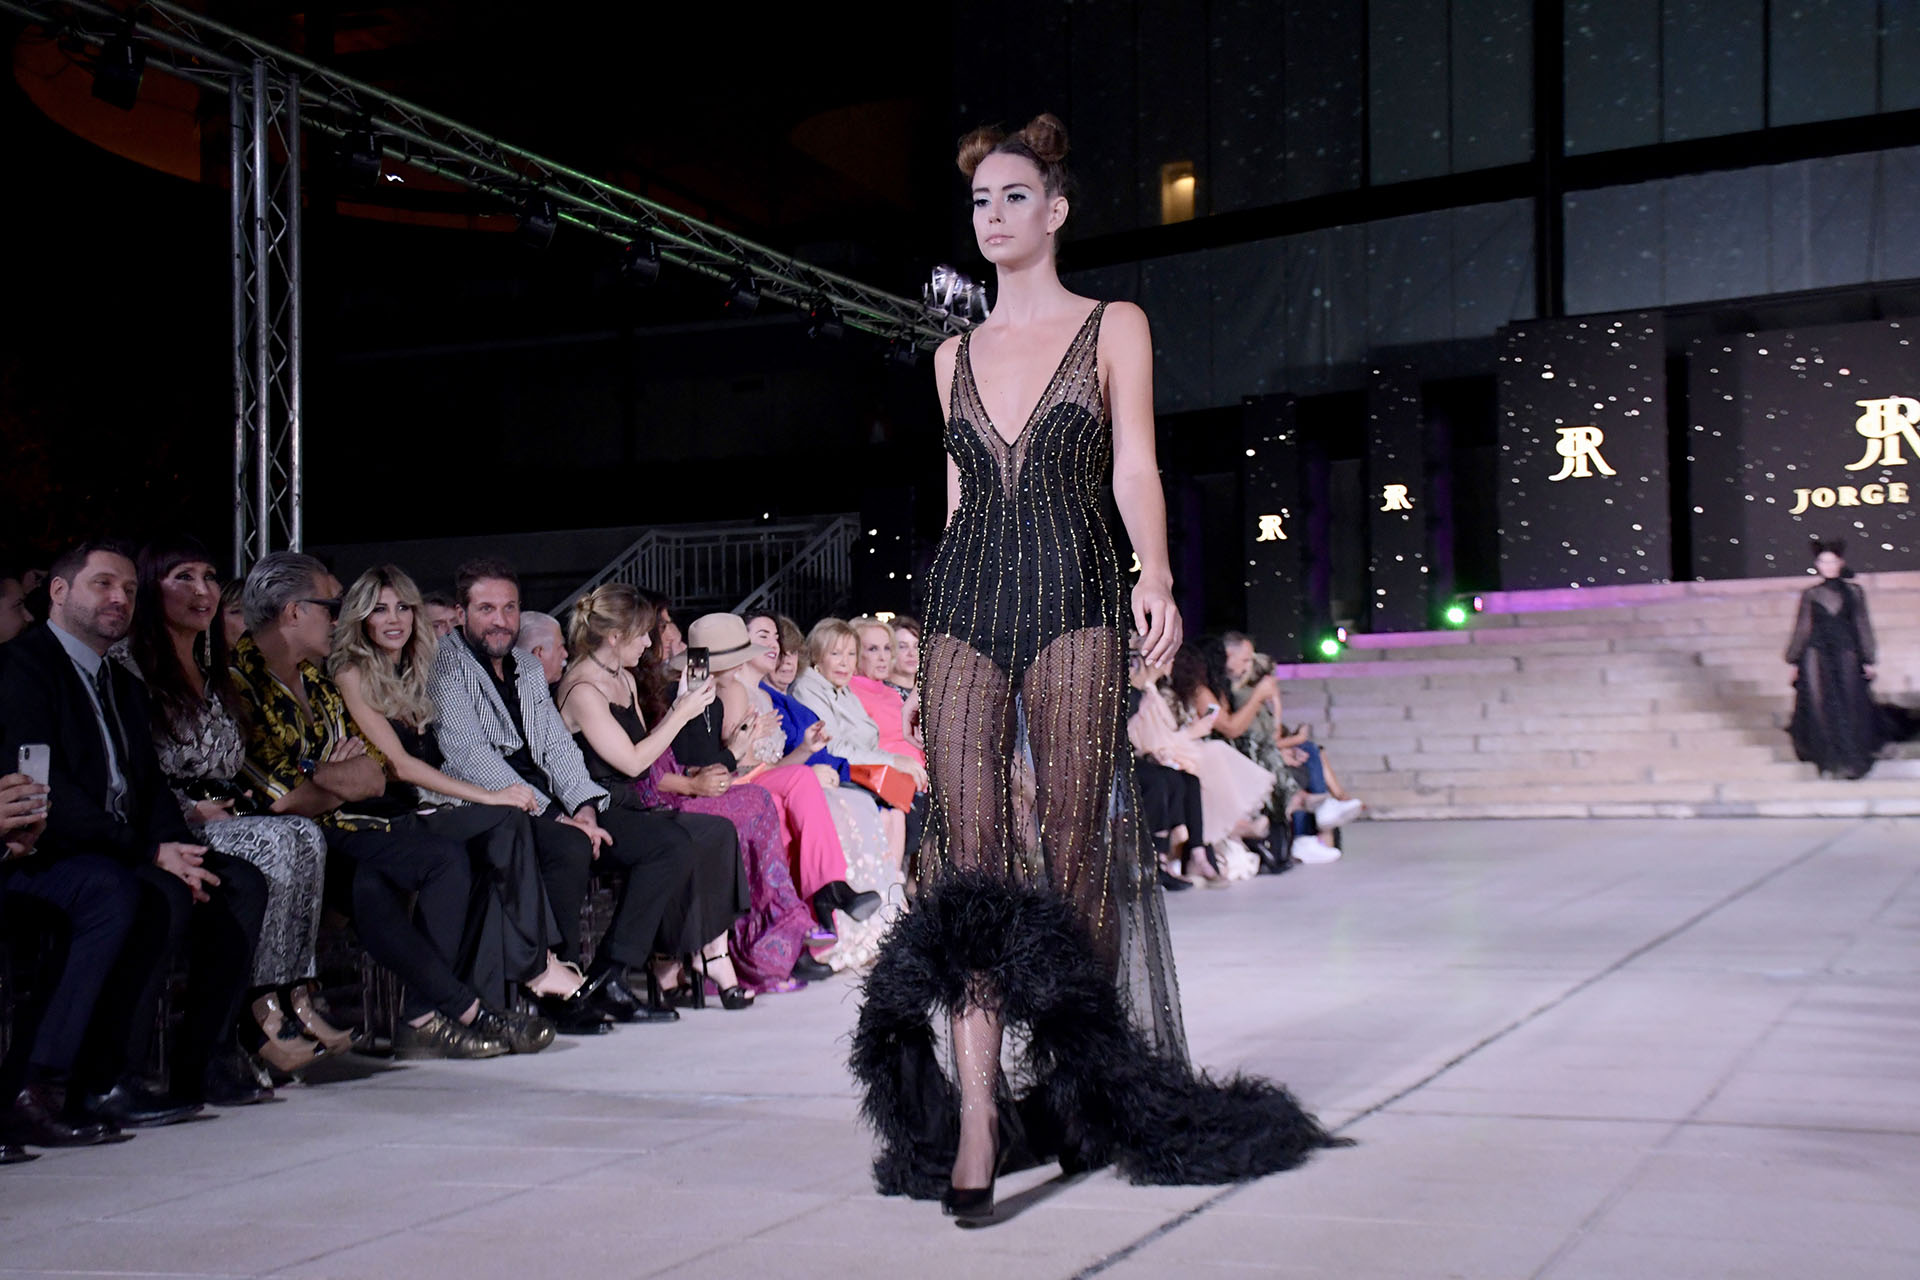 Transparencias, body y peluche en la cola del vestido. Un diseño atrevido ymuy sensual